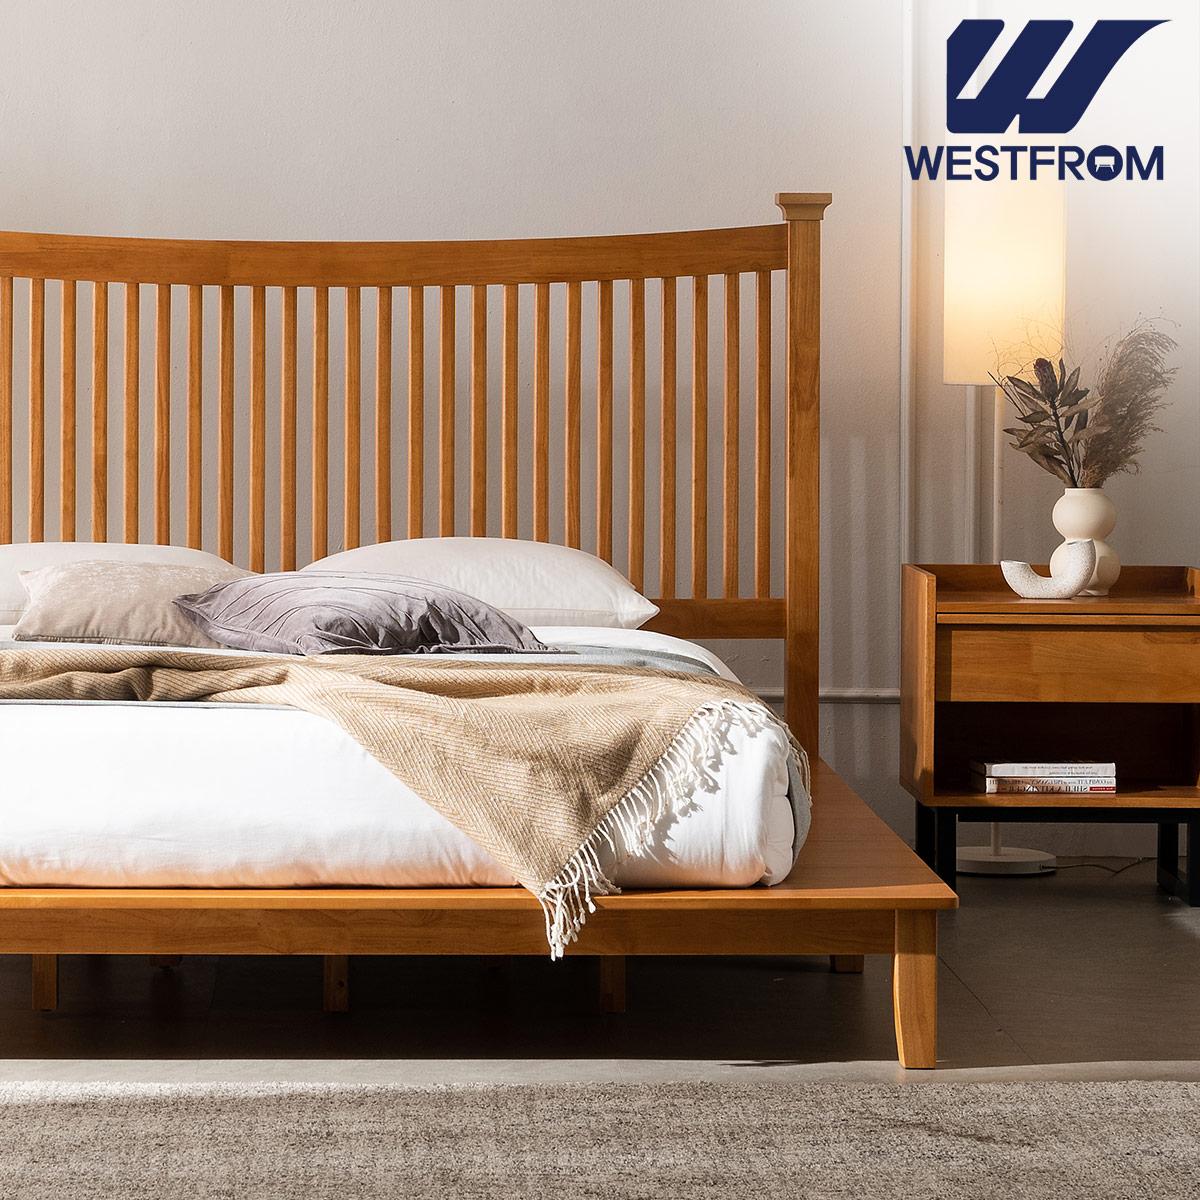 [웨스트프롬] 모던 마가렛) 고무나무원목 평상형 침대(라지K) / 텐더 호수 K매트리스 / 전국착불